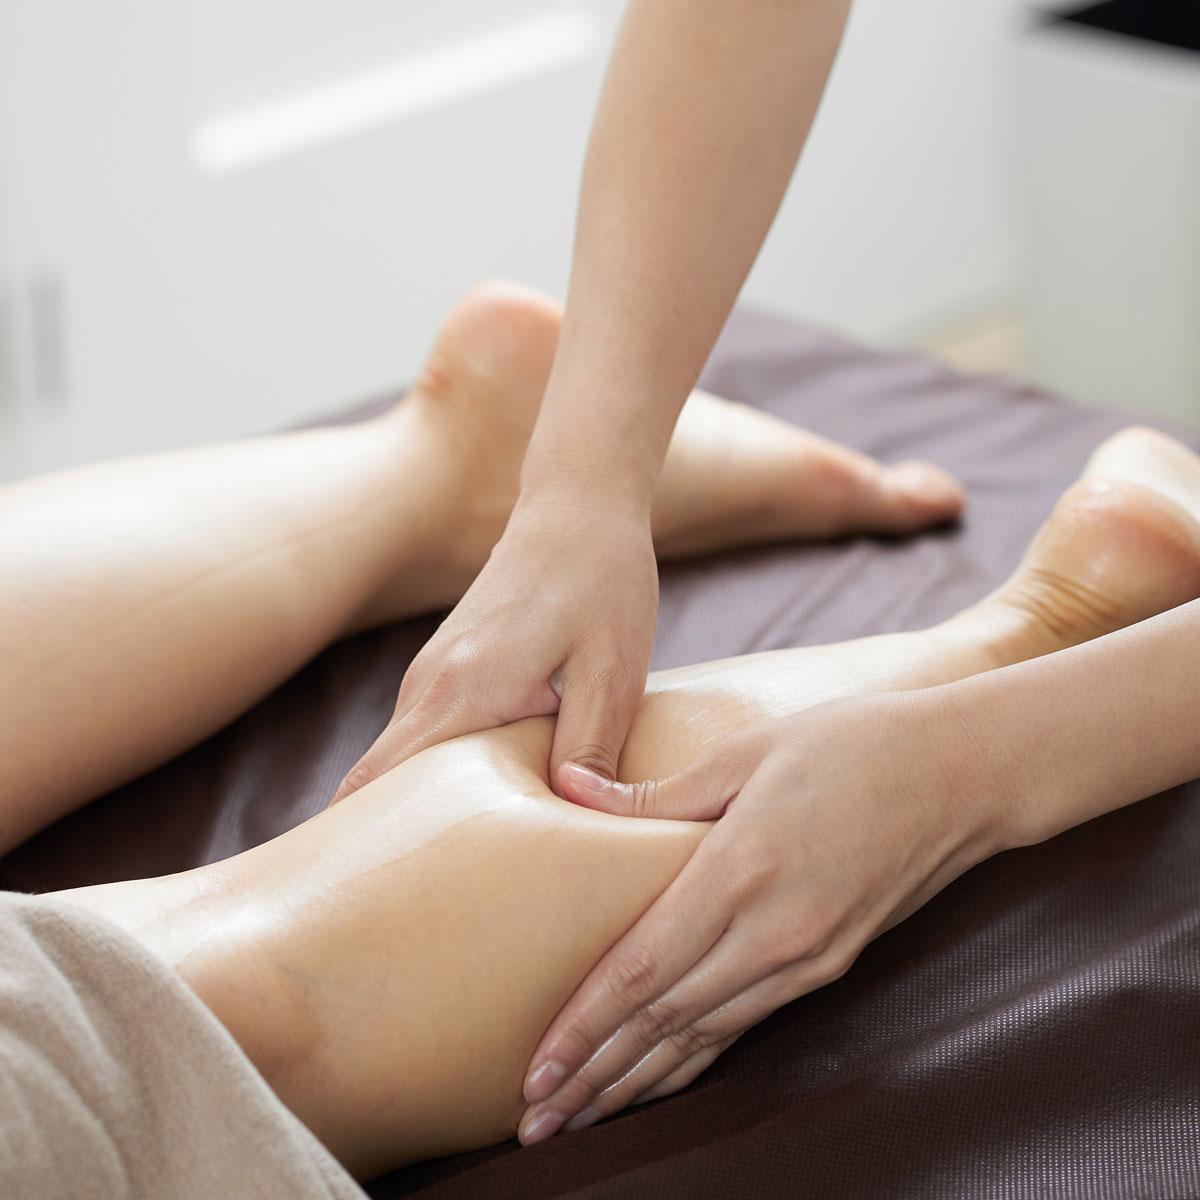 Les blocages articulaires, des restrictions qui affectent la mobilité des surfaces articulaires entre elles